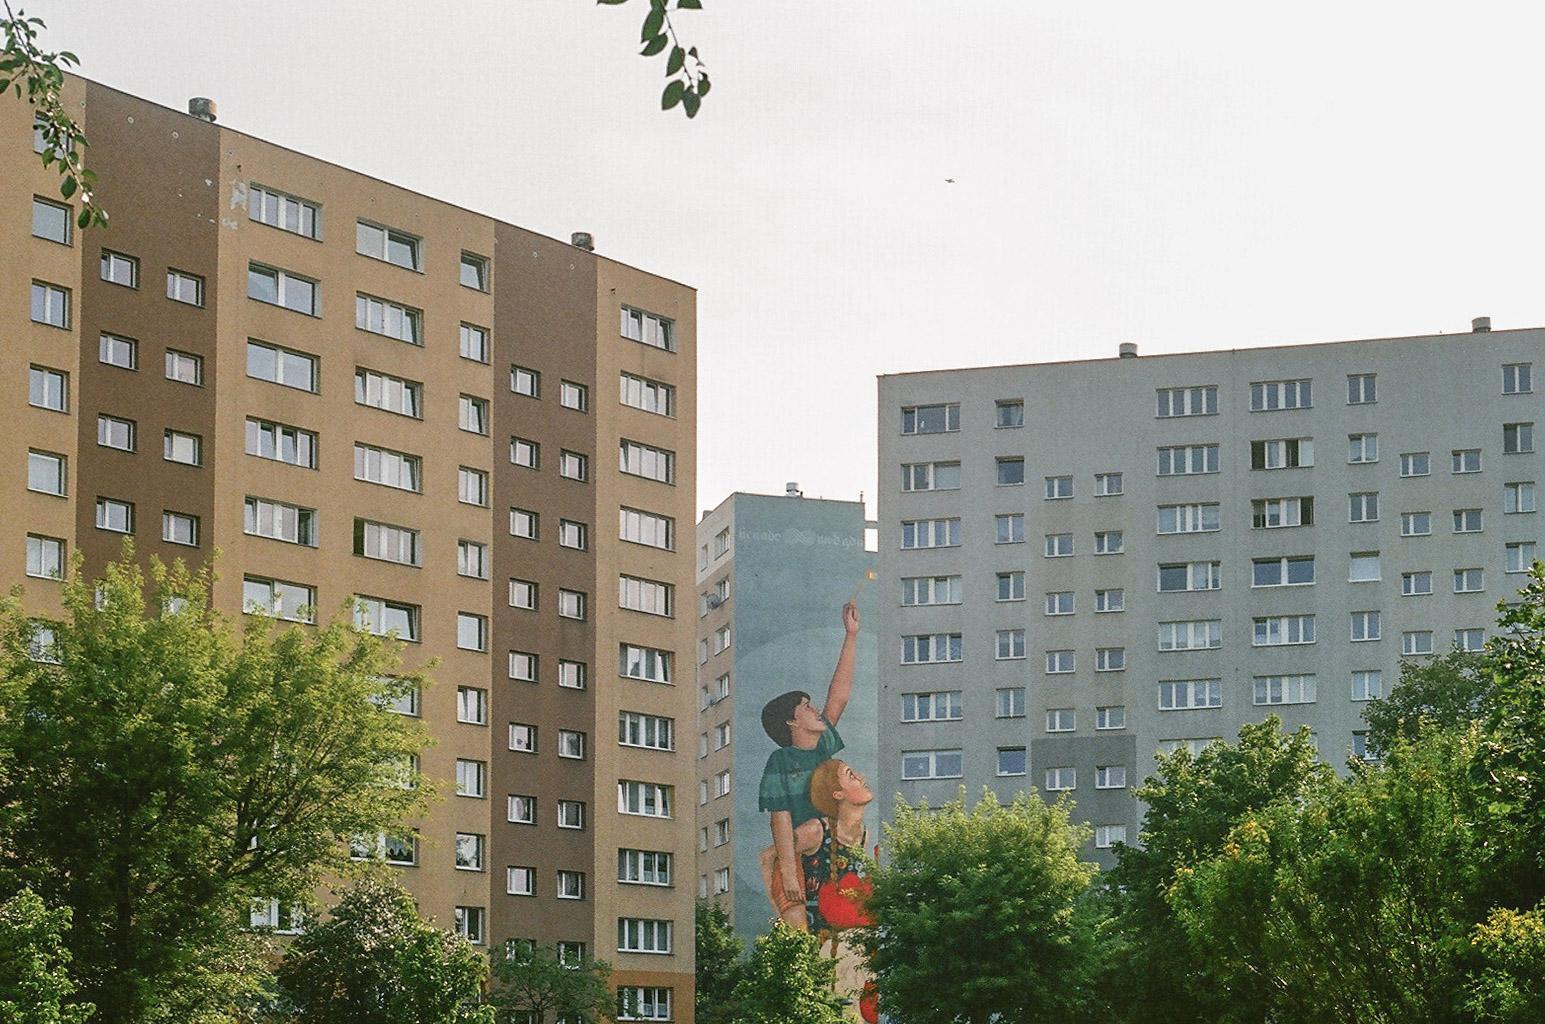 Zaspa district Gdansk (Poland)